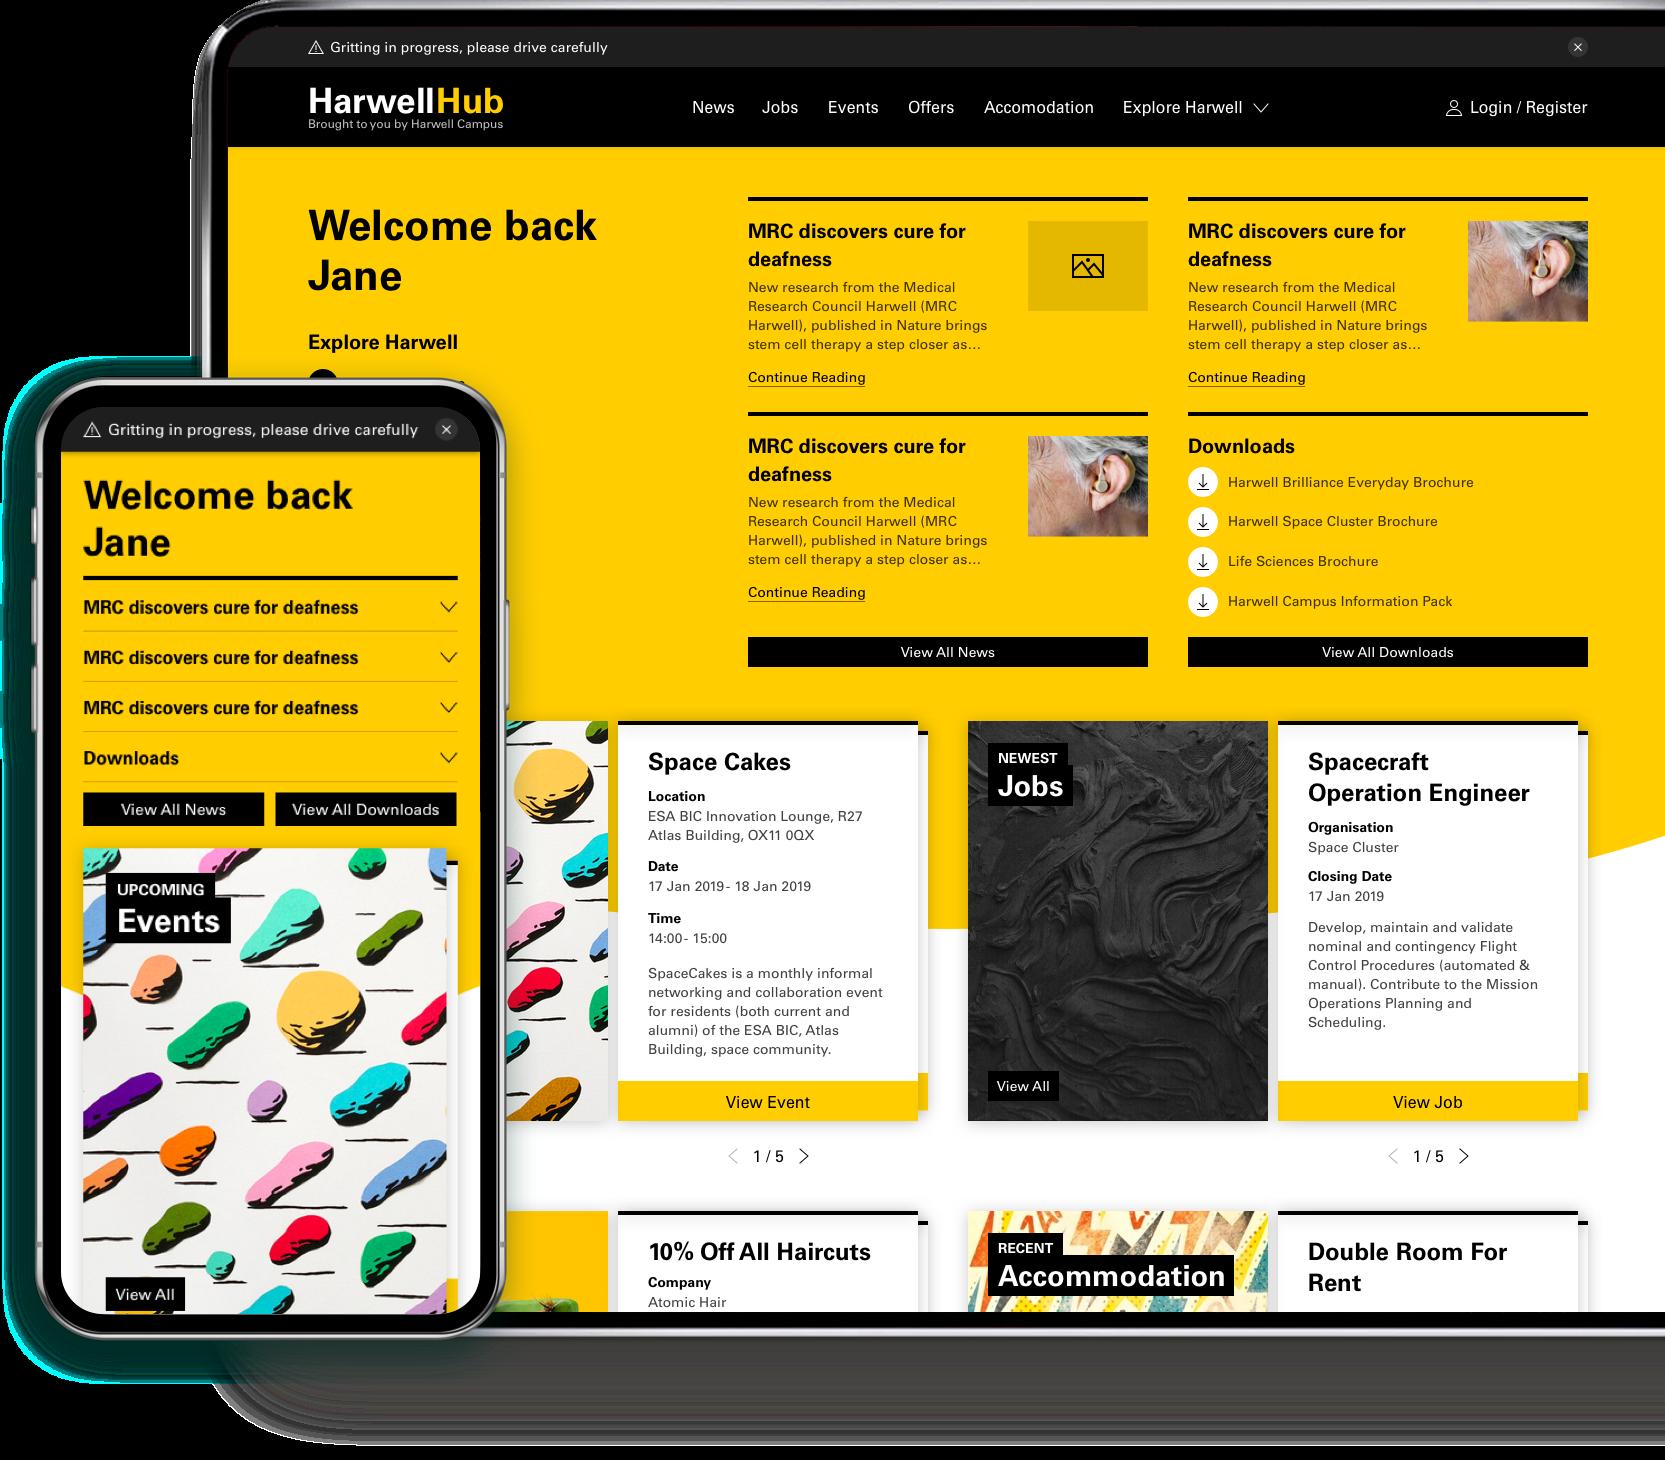 Harwell Hub desktop and mobile website design